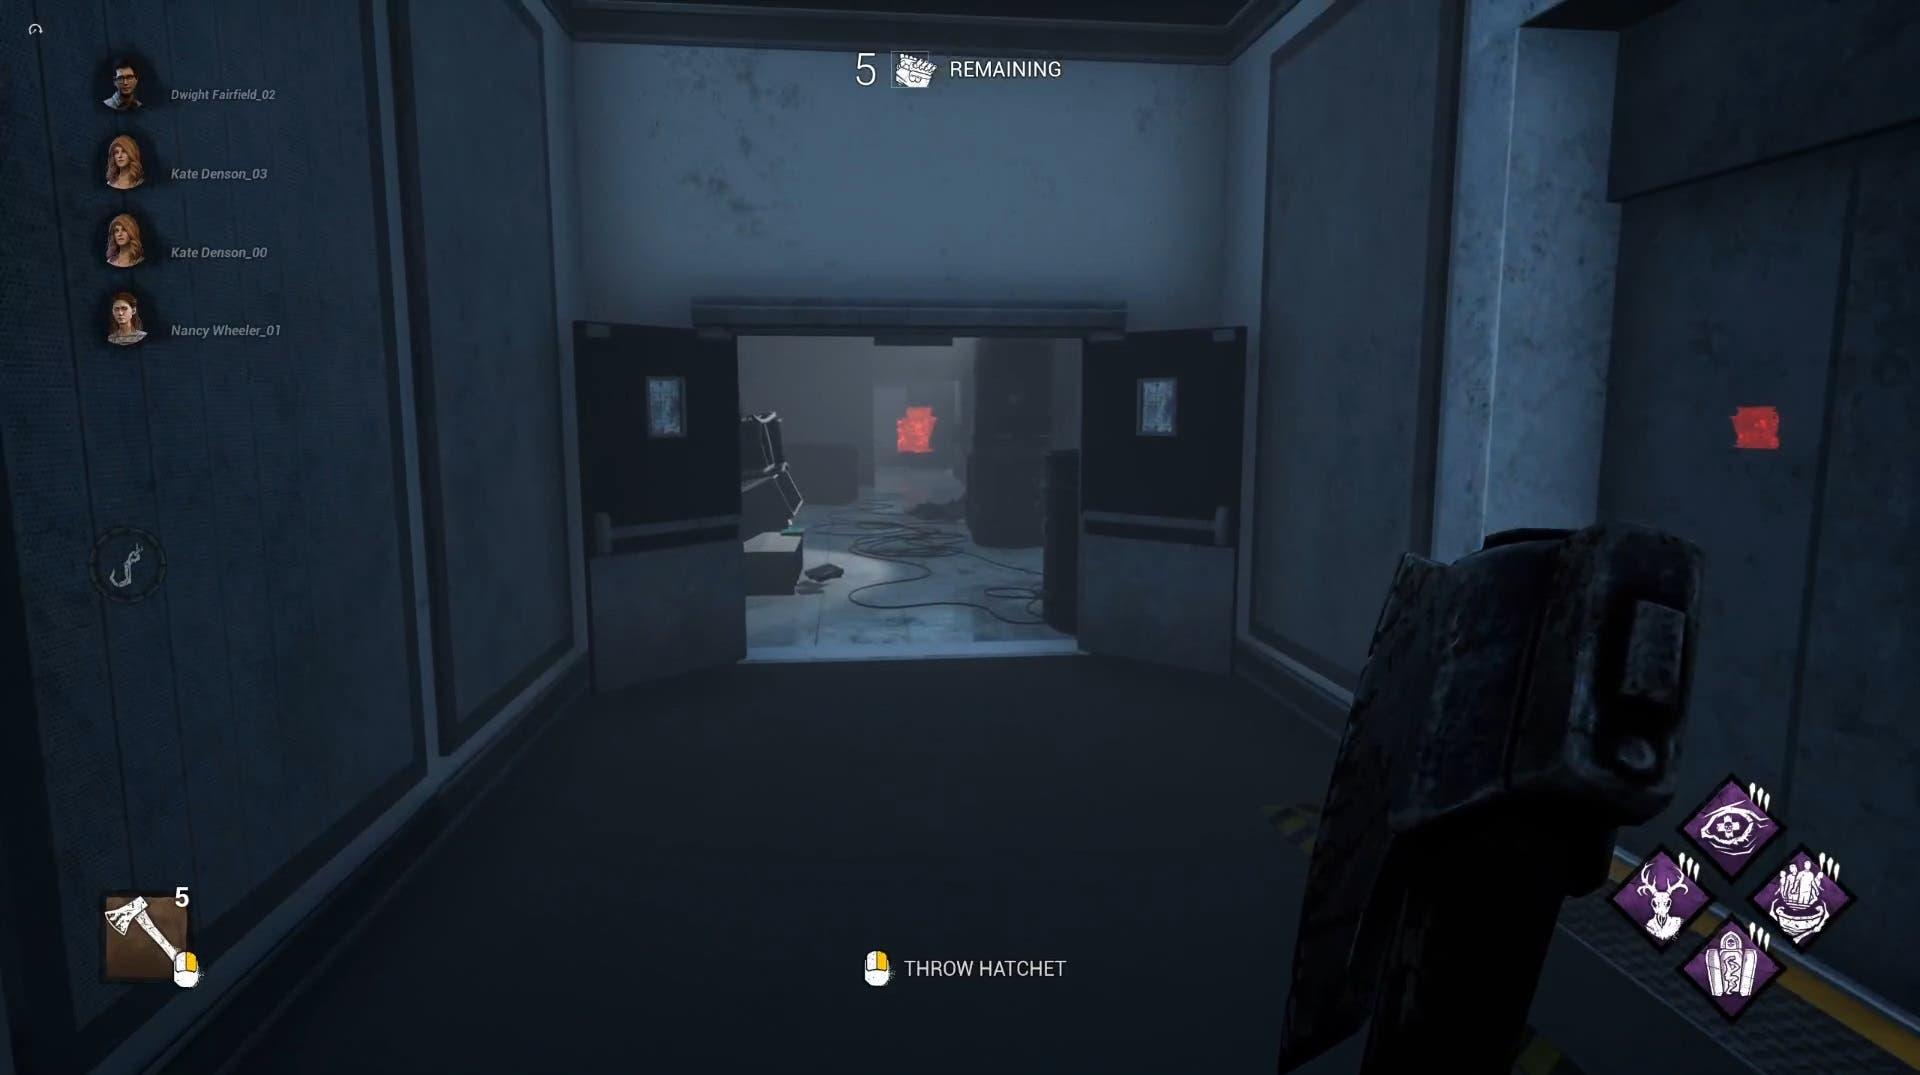 Así es la nueva interfaz de Dead by Daylight durante las partidas 3